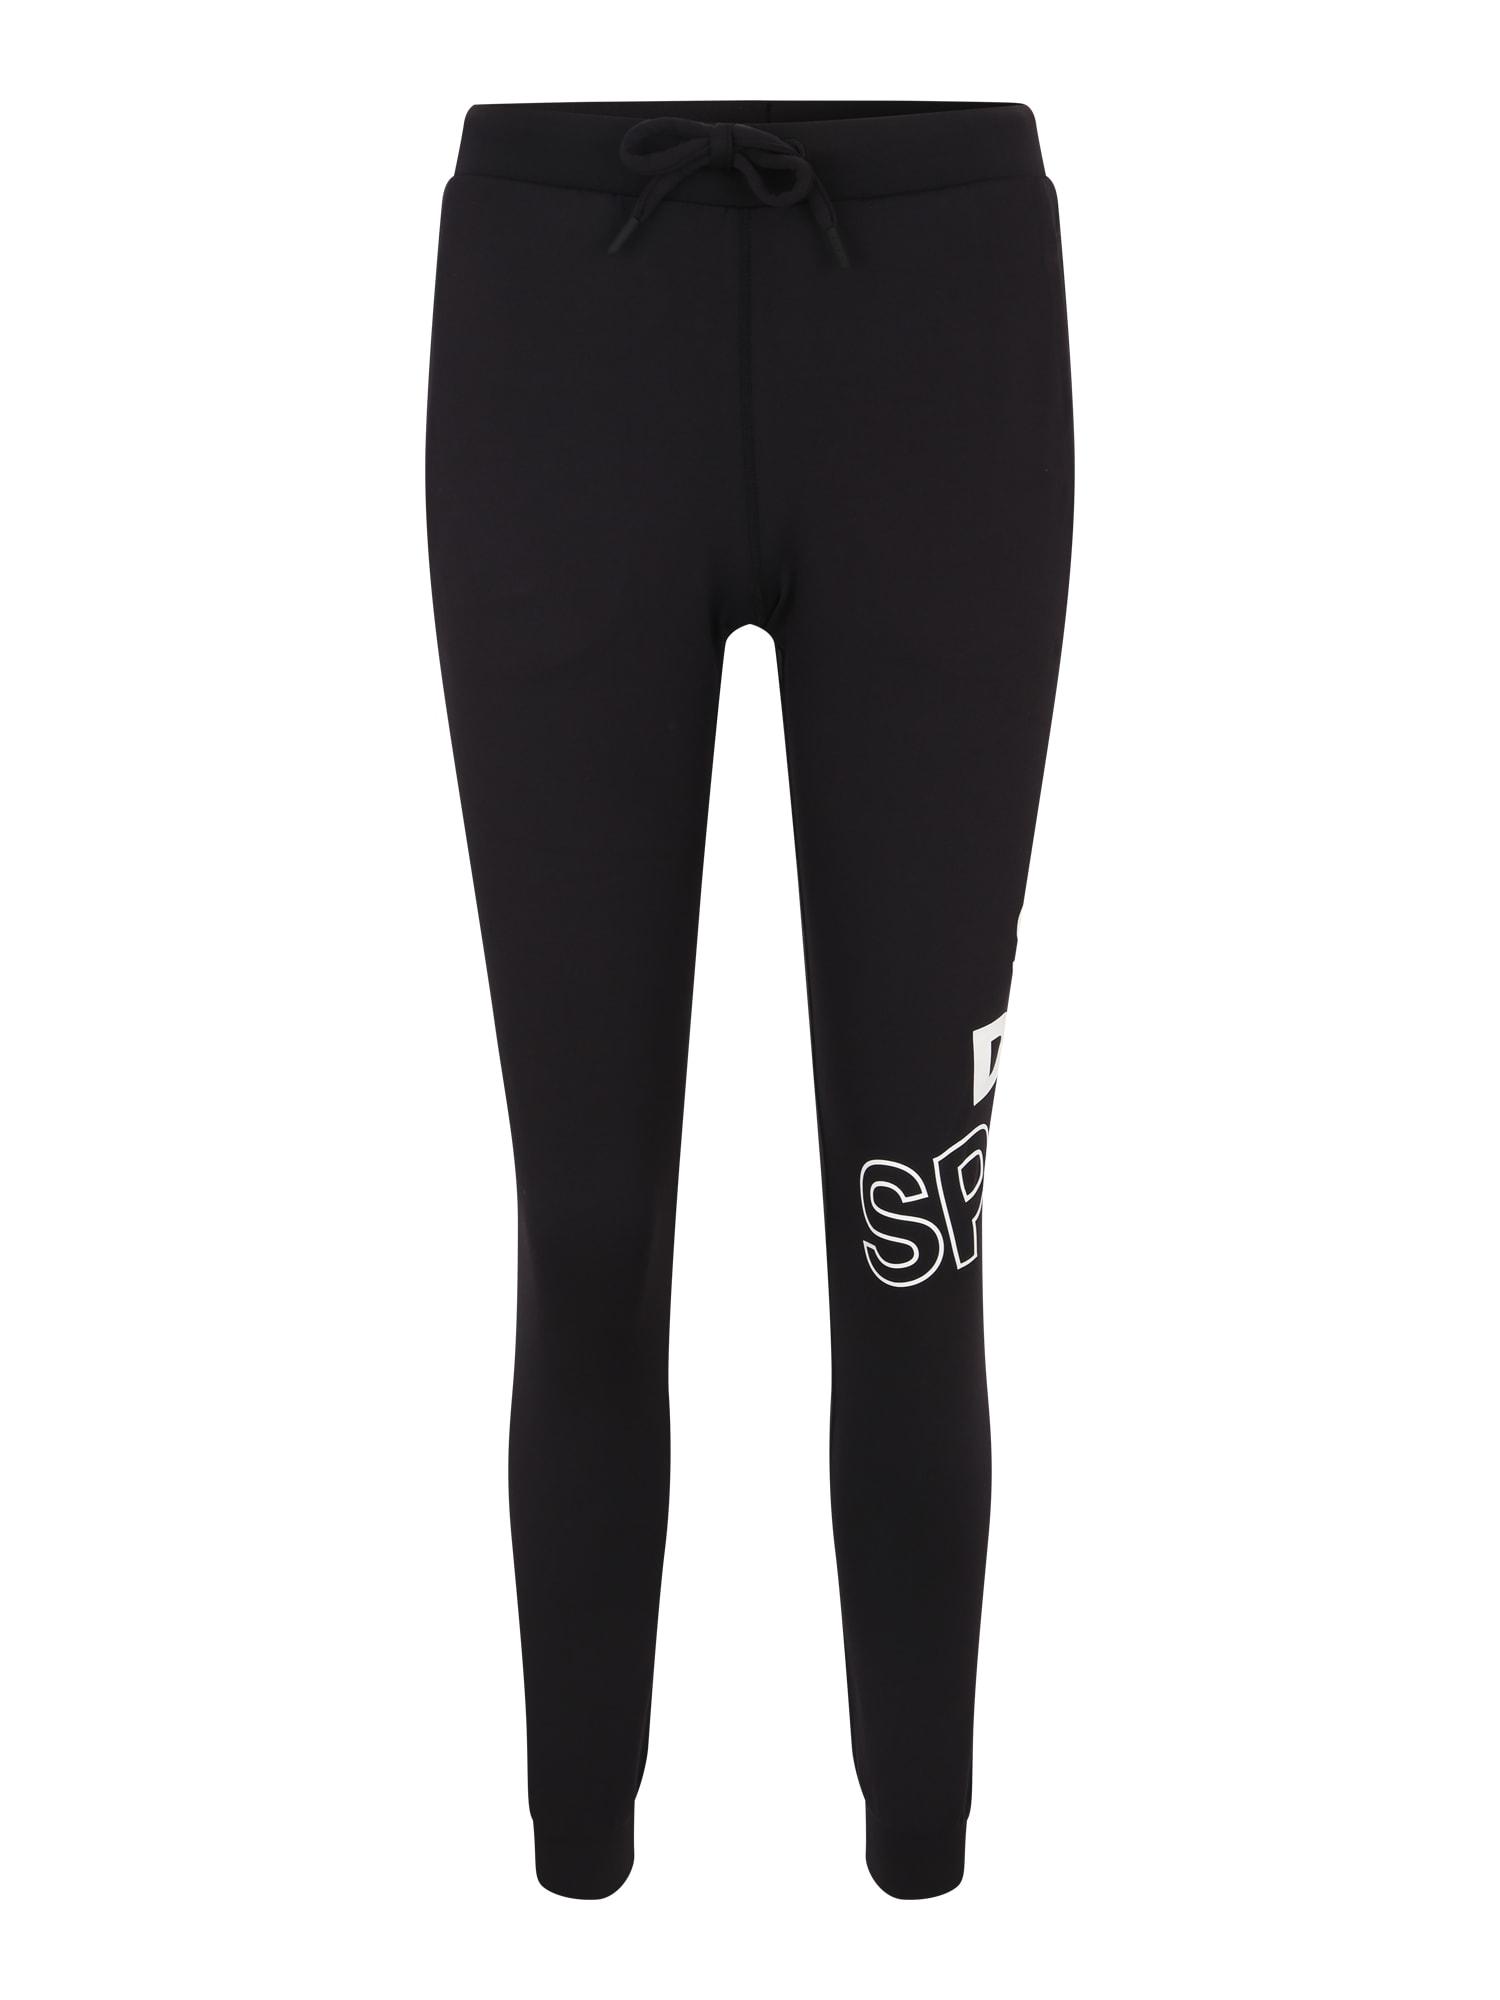 Sportovní kalhoty CORE GRAPHIC černá bílá Superdry